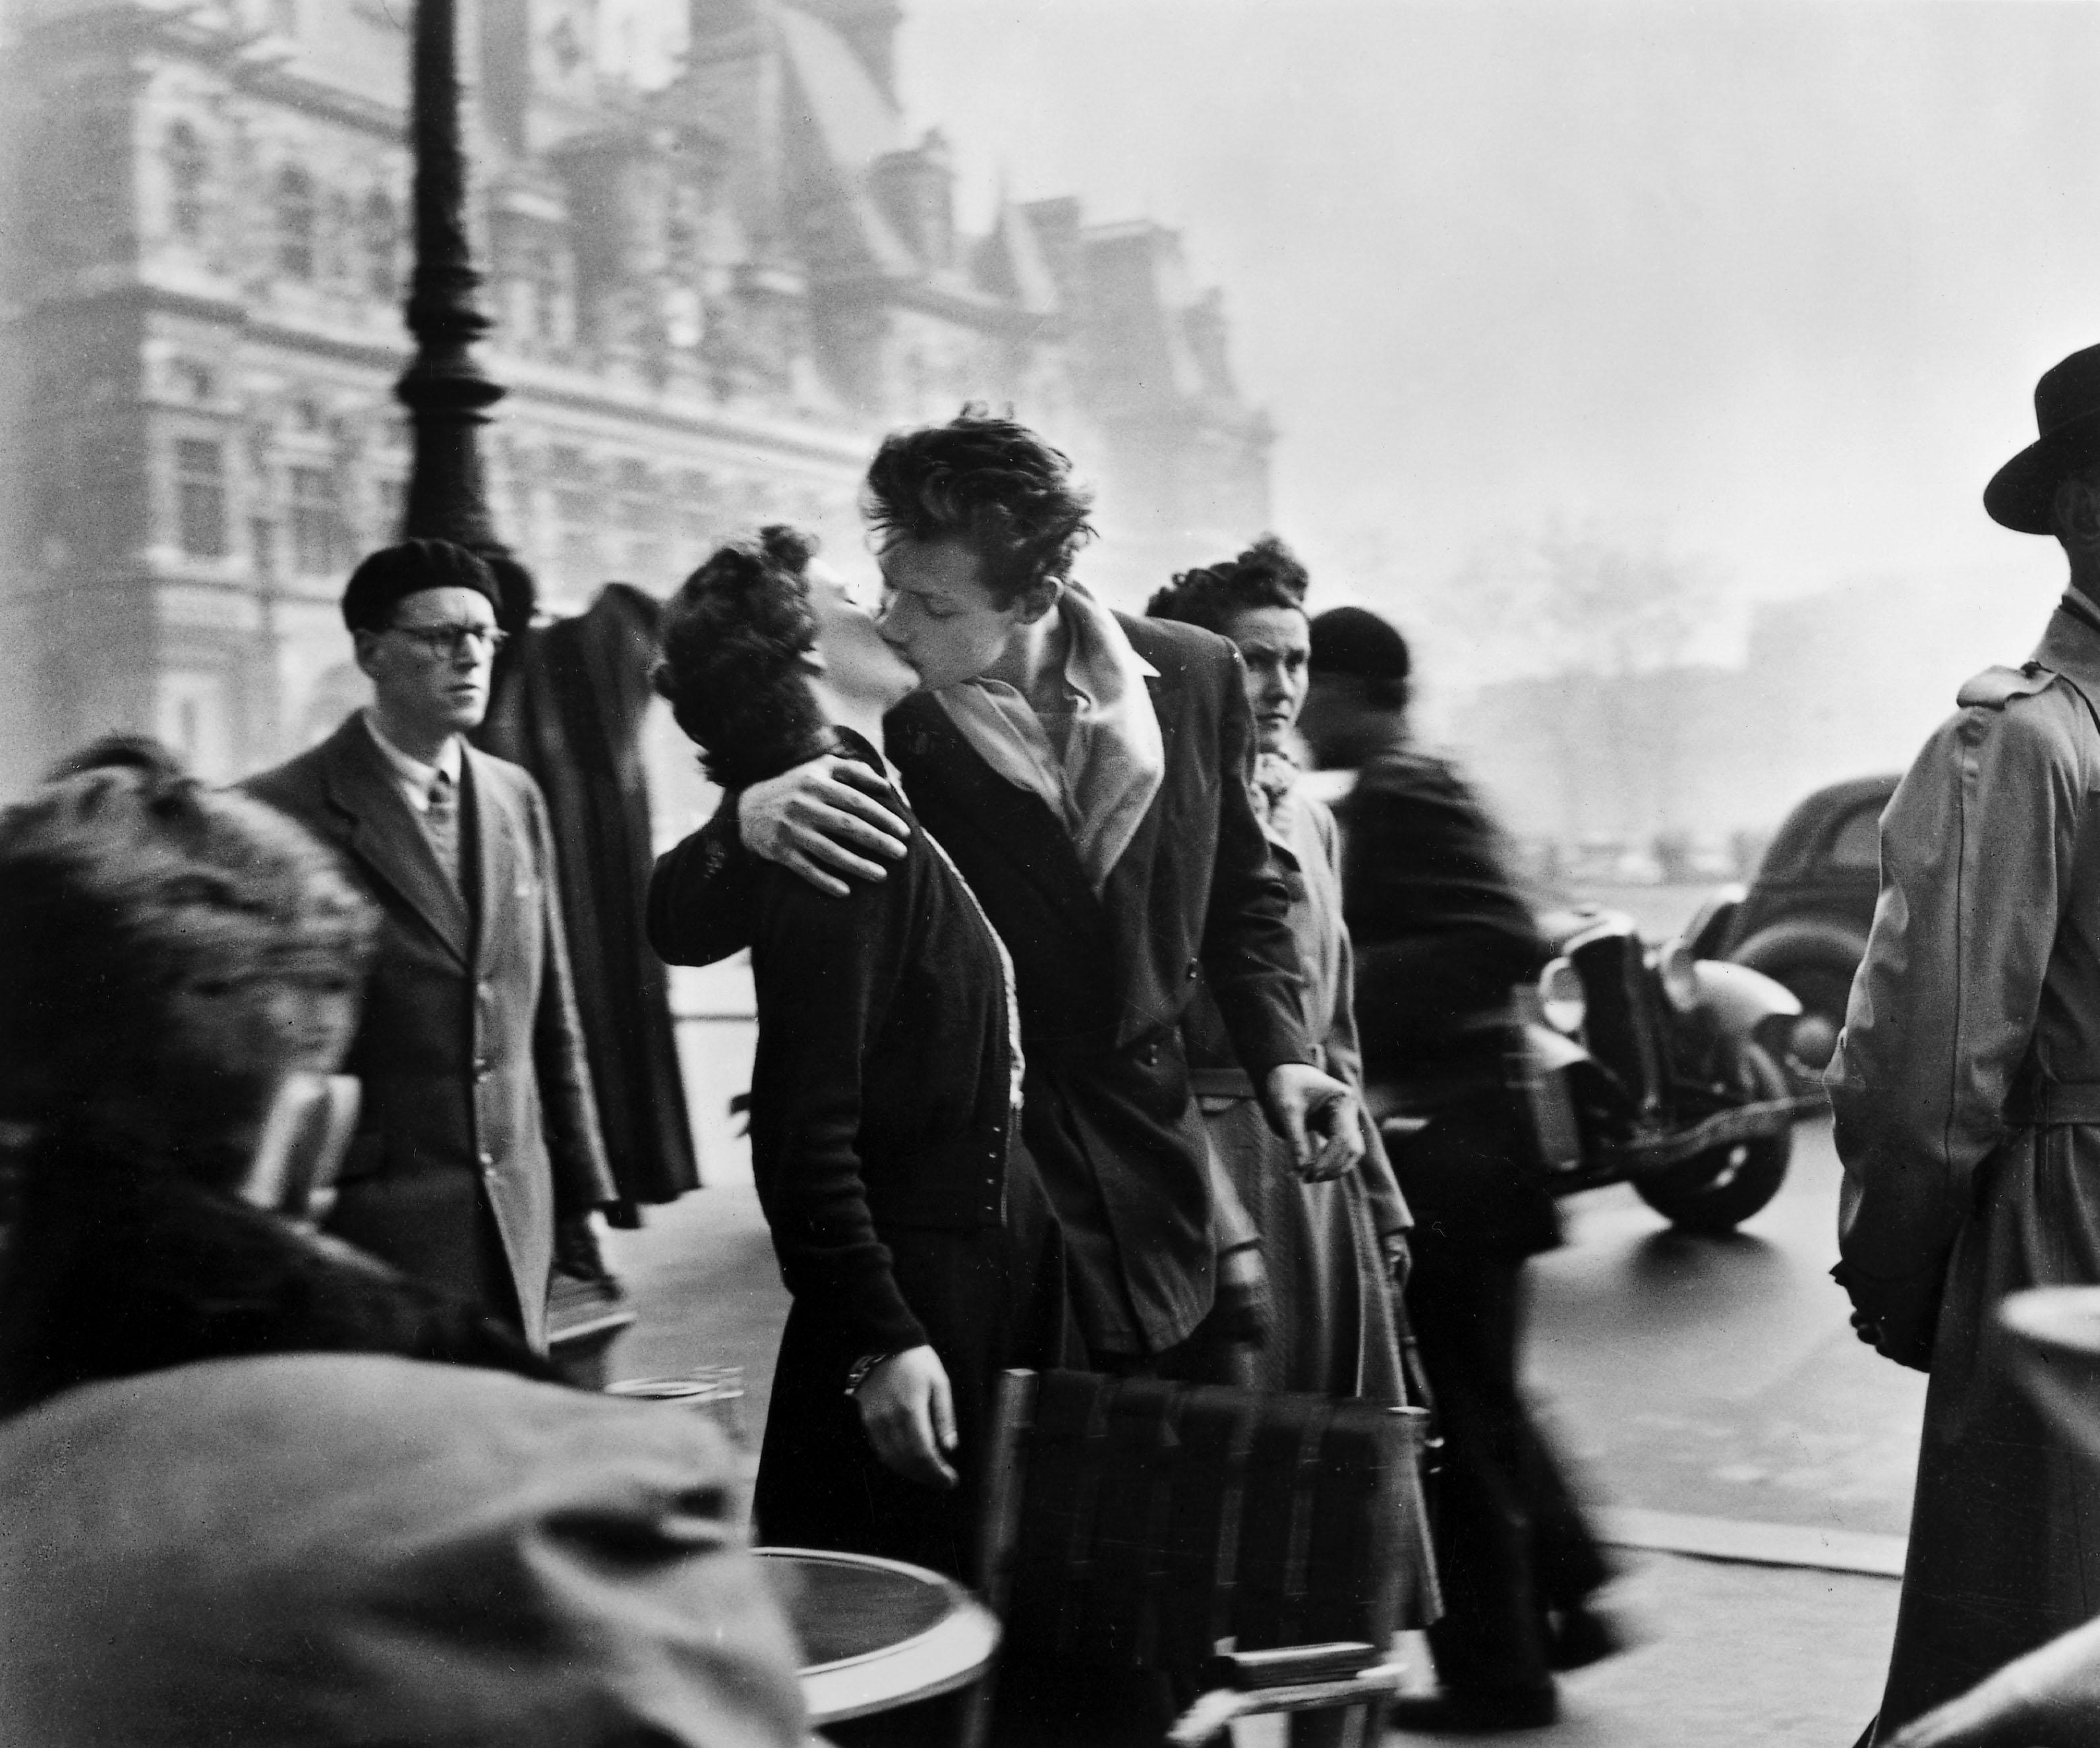 Parigi in bianco e nero negli scatti di doisneau for Foto alta definizione bianco e nero